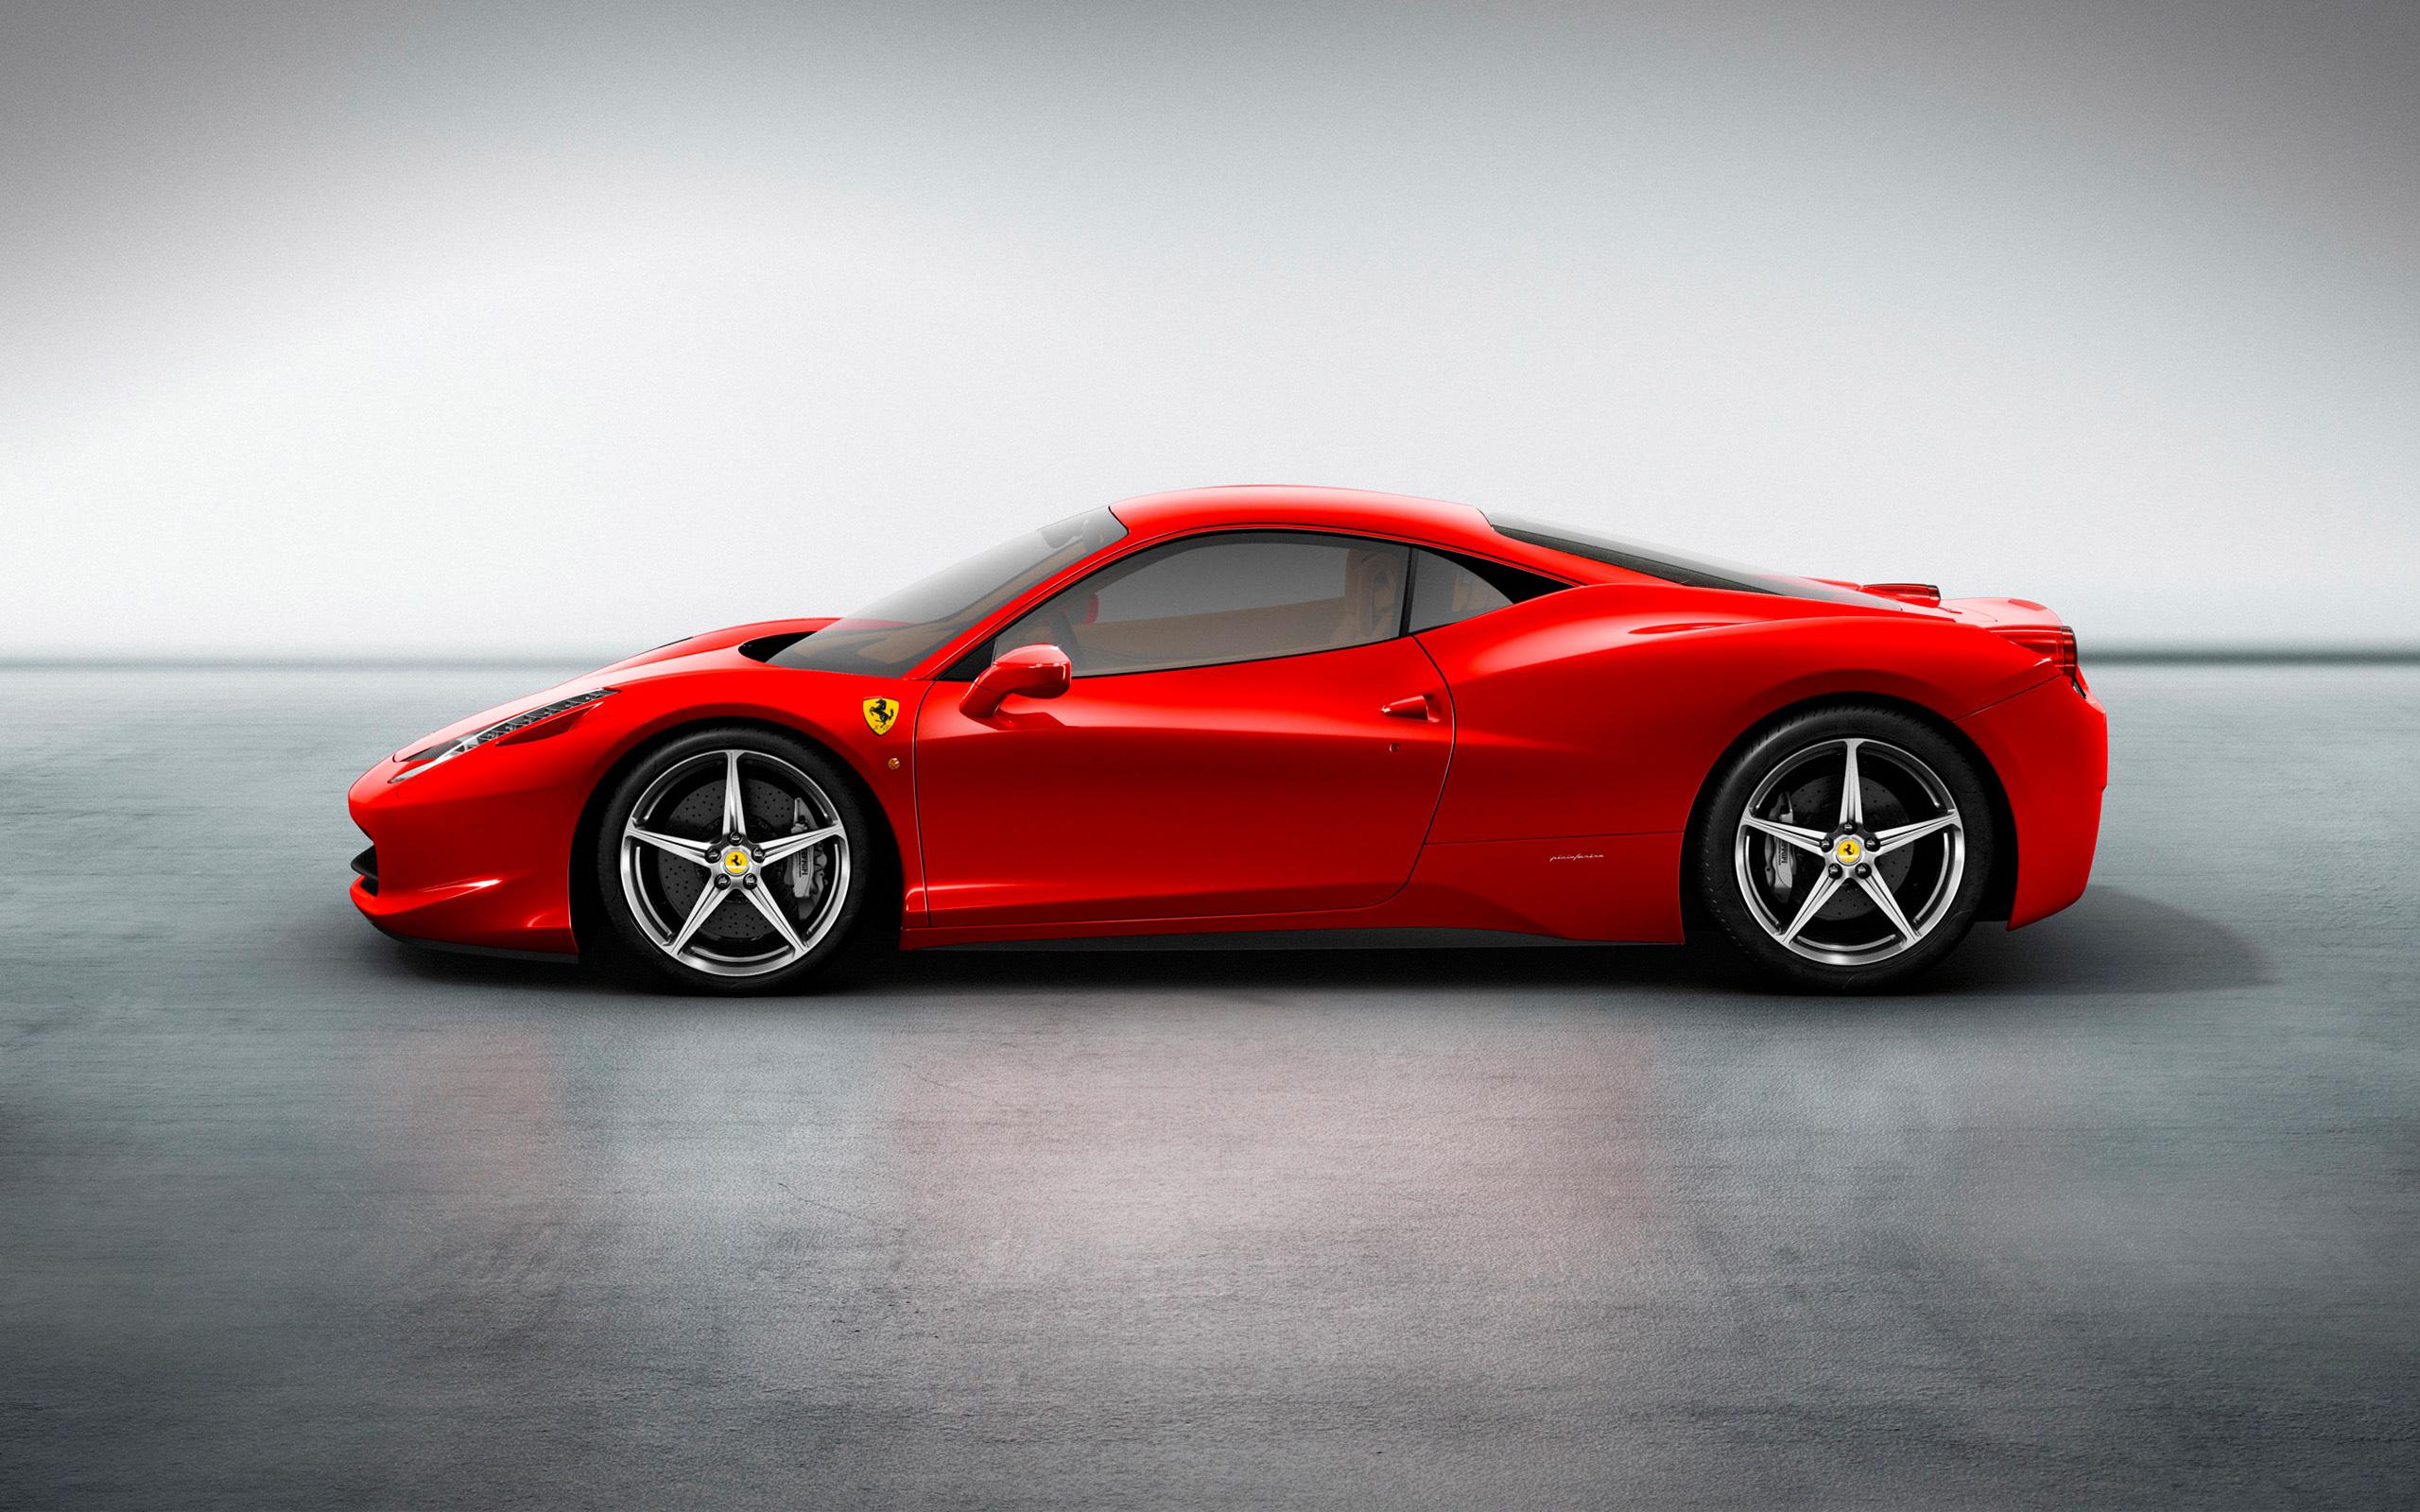 Ferrari 458 Italia Red